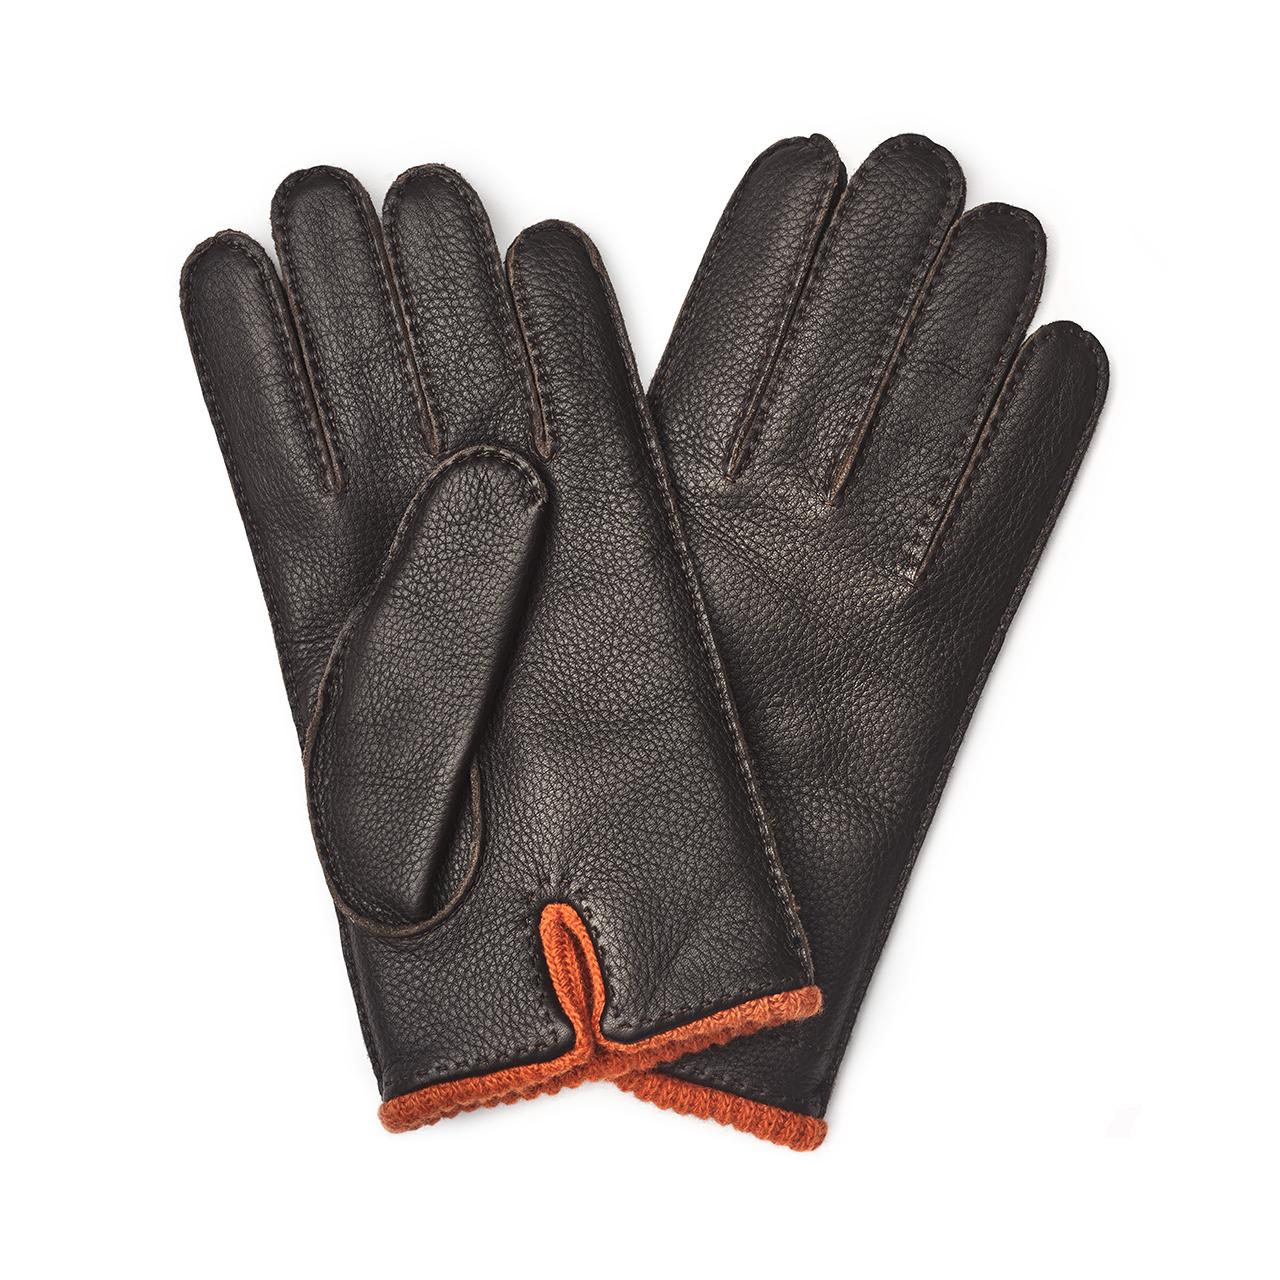 Plain Deer-skin Gloves in Brown